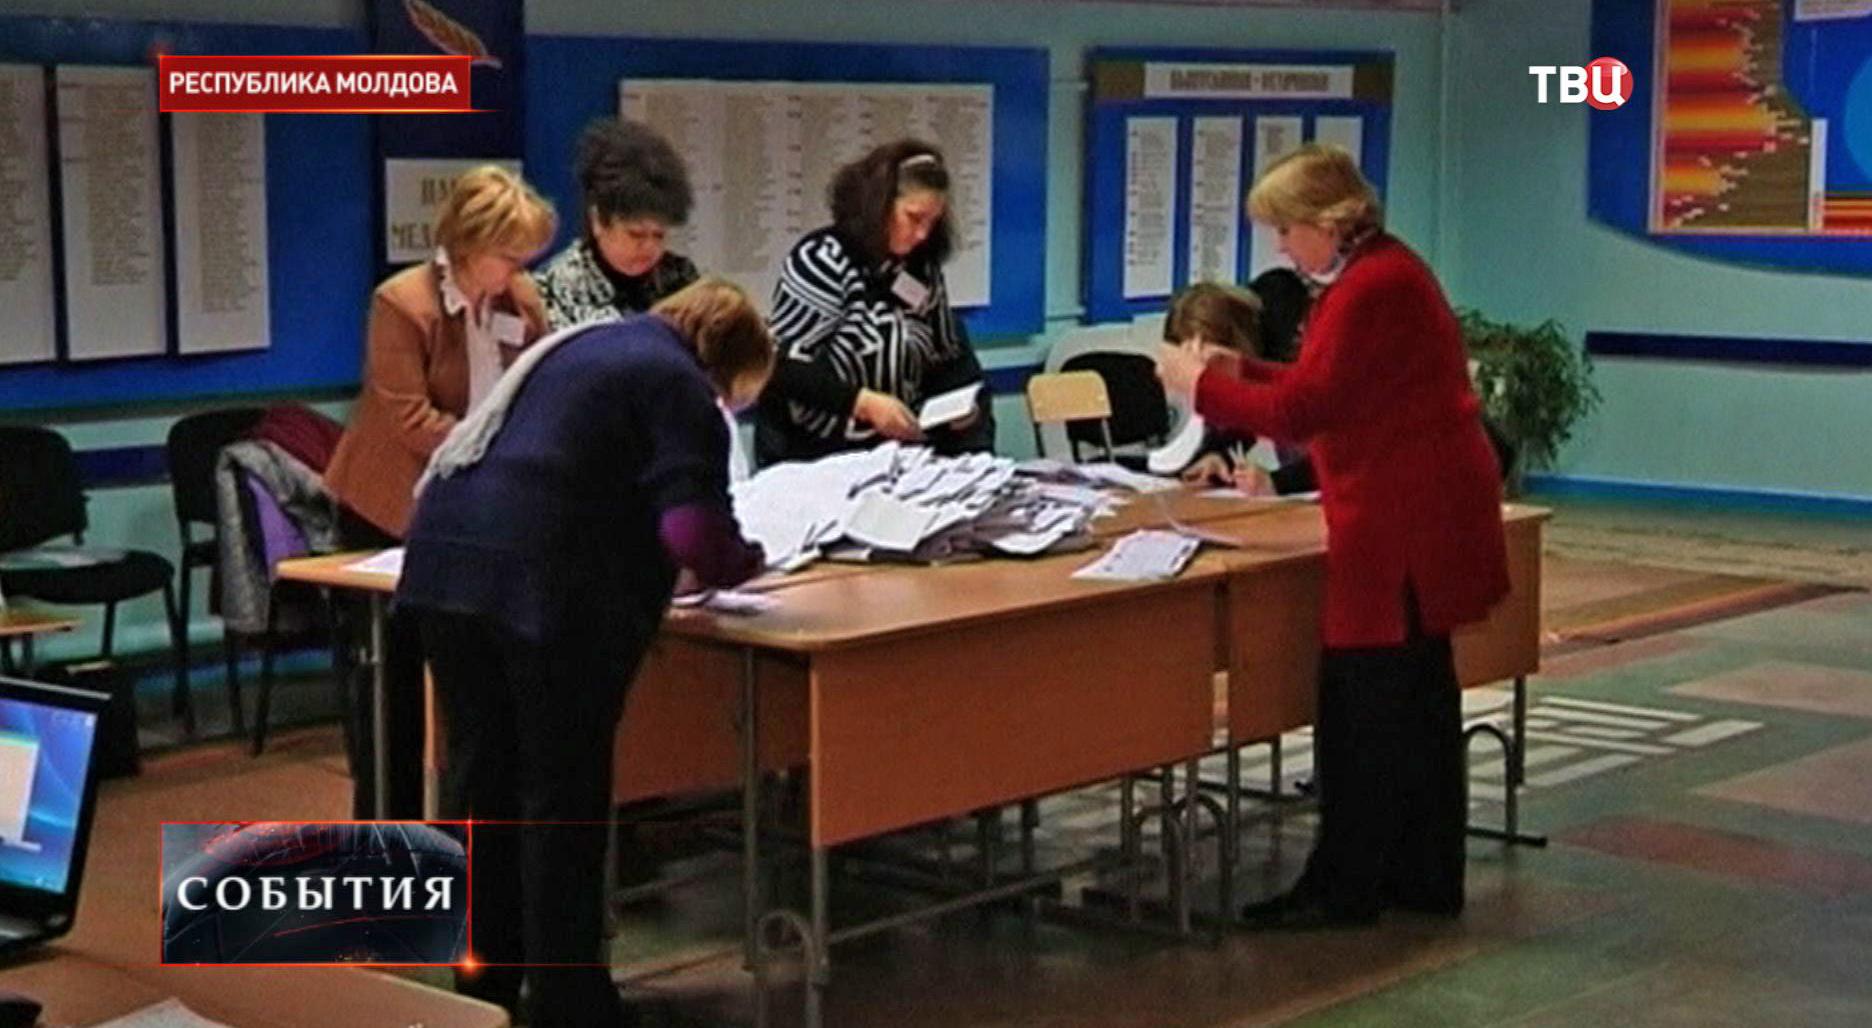 Голосование на парламентских выборах в Молдавии